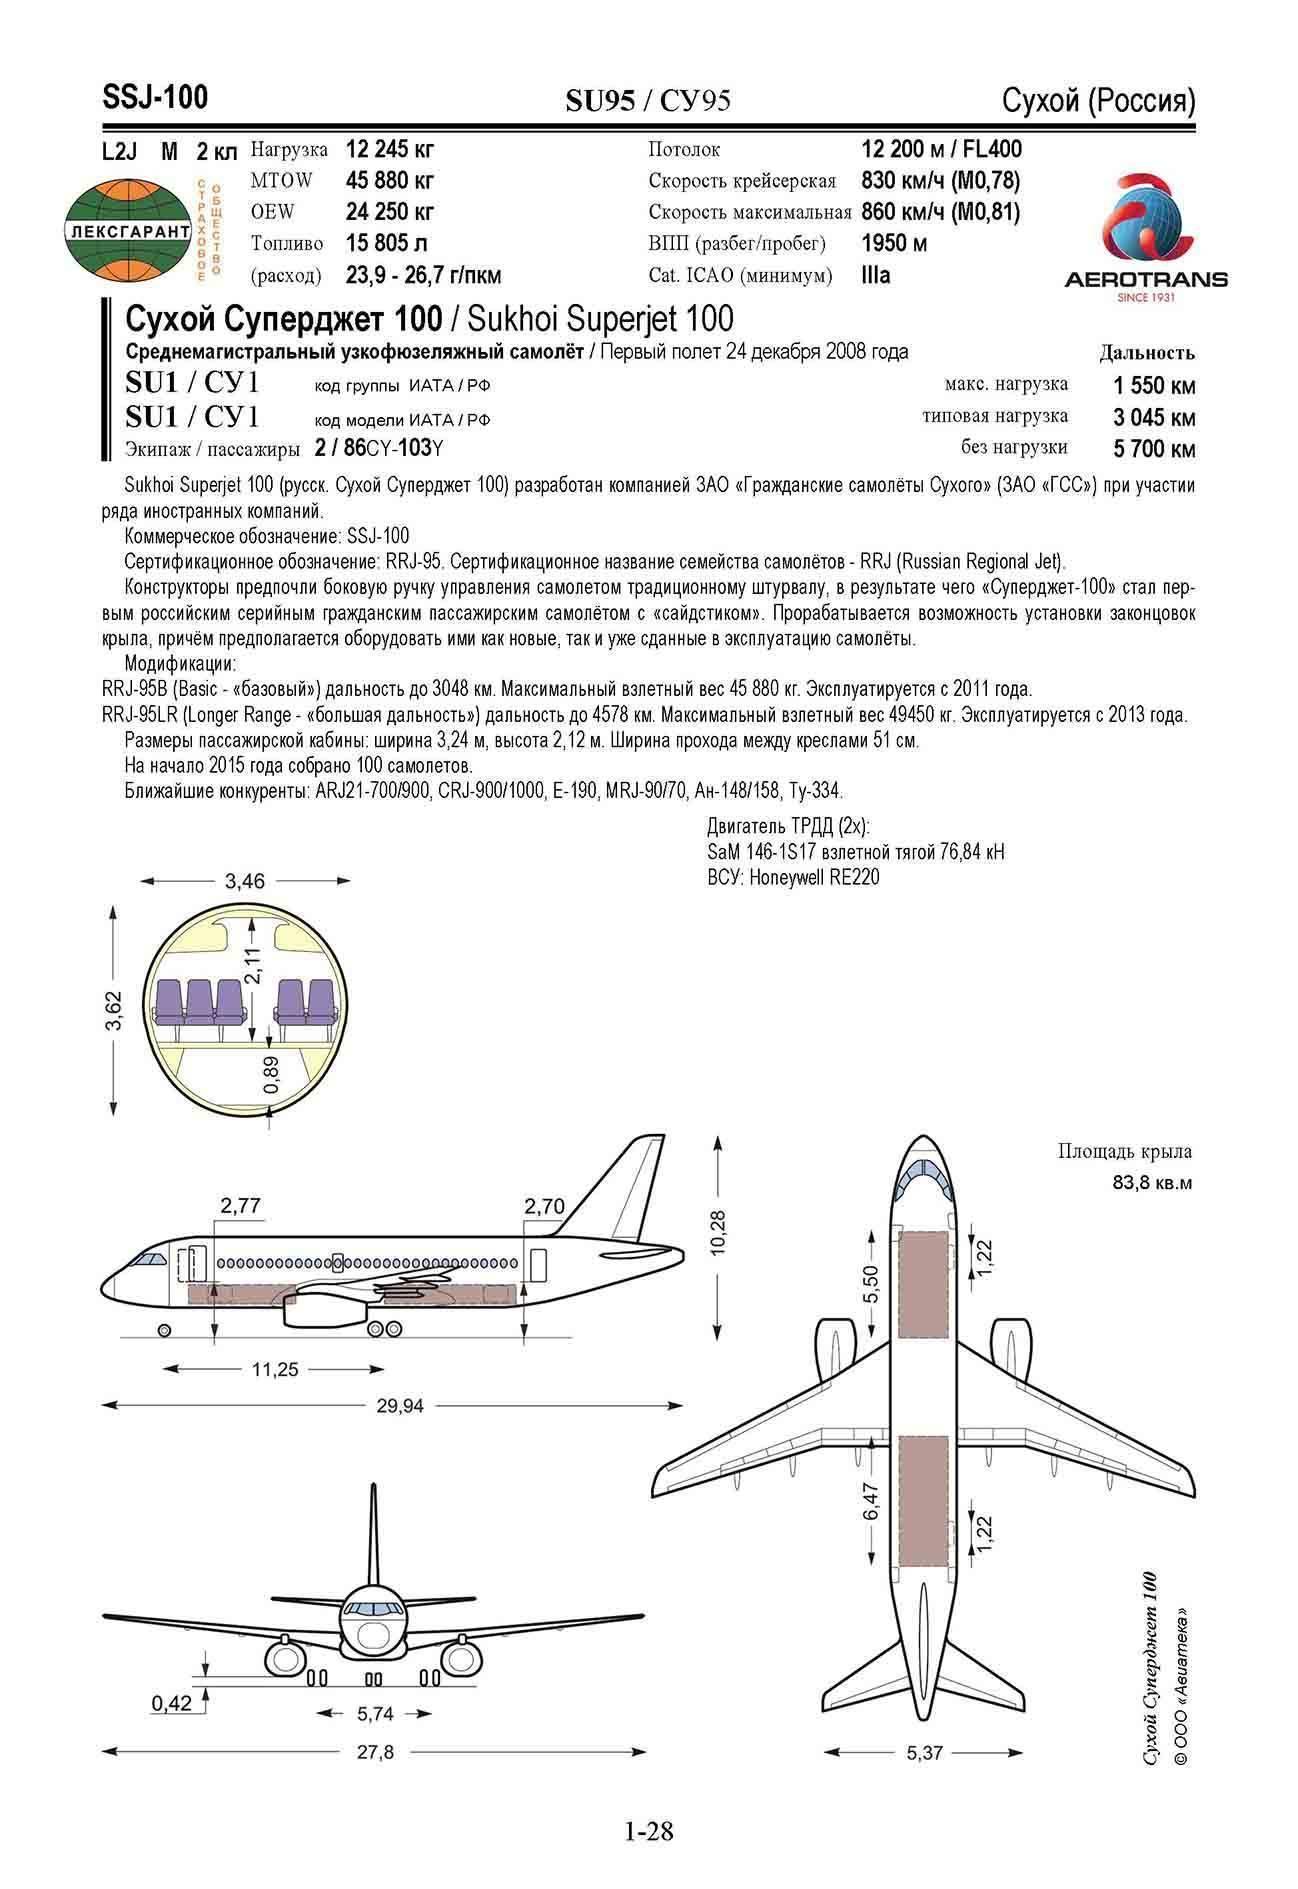 2 января 1989 года совершил первый полет среднемагистральный самолет ту-204